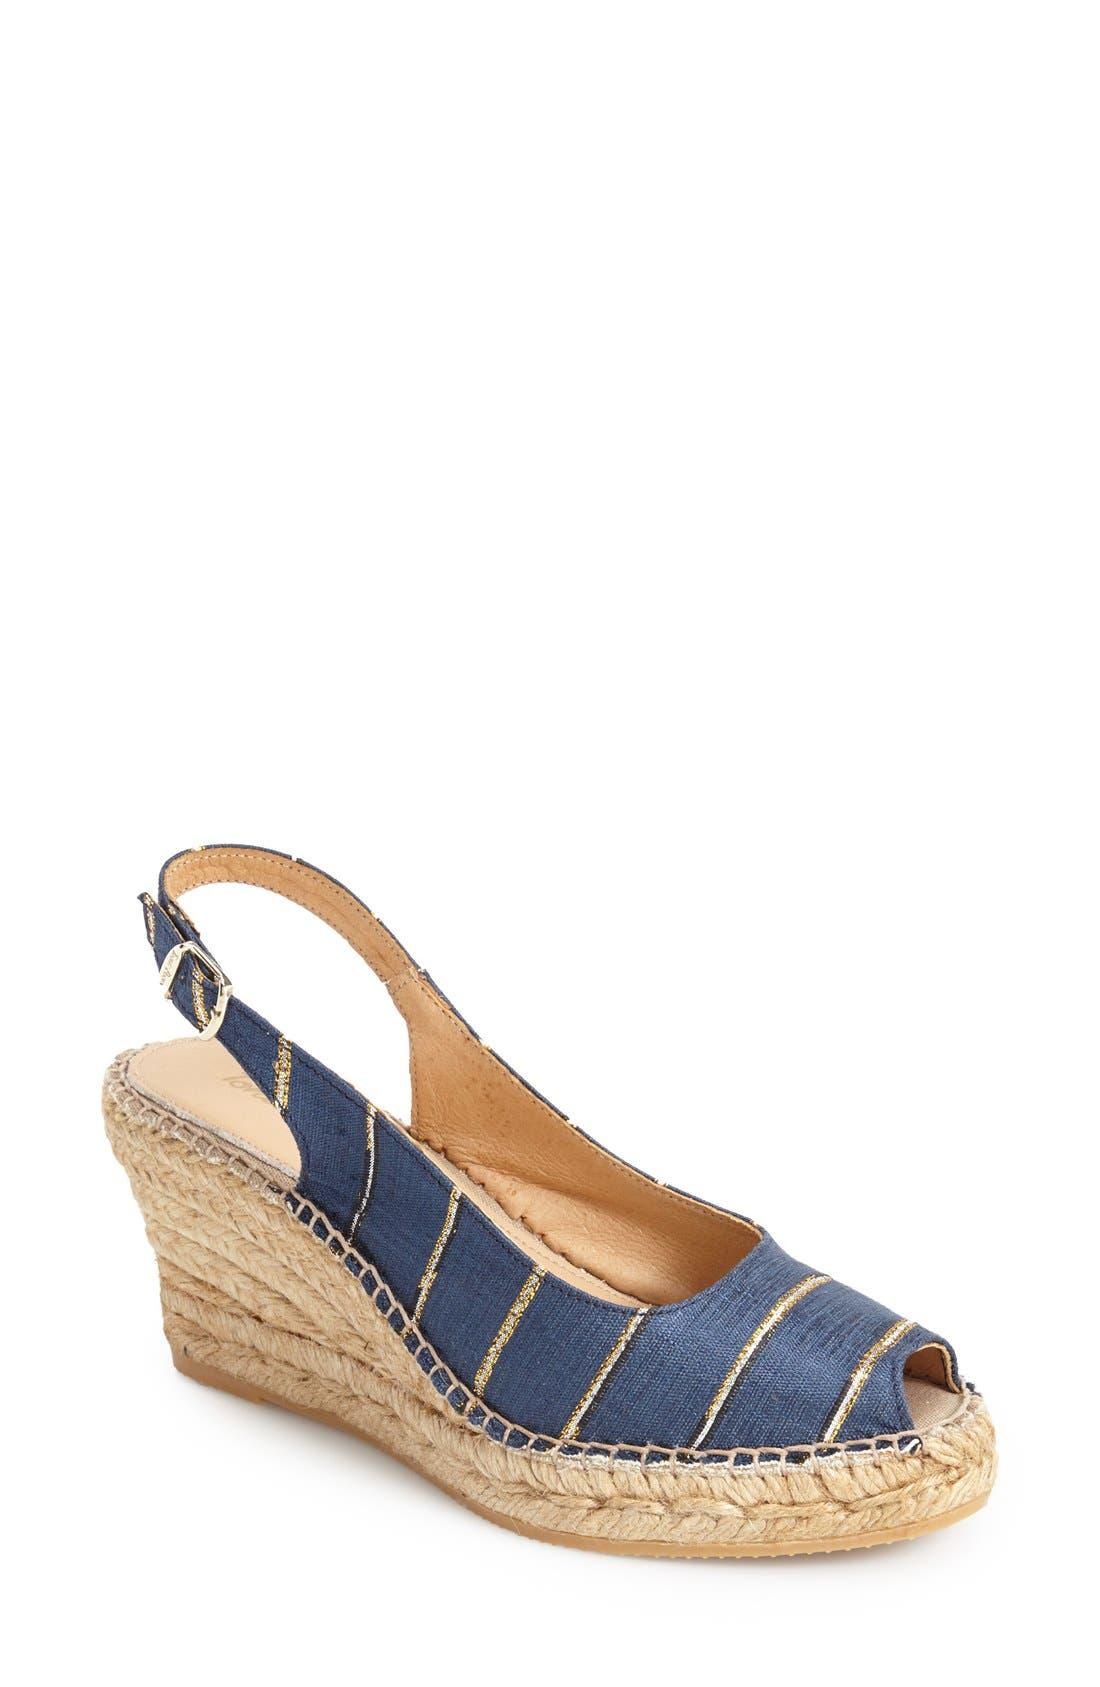 Toni Pons 'Carmina' Silk Slingback Wedge Sandal (Women)